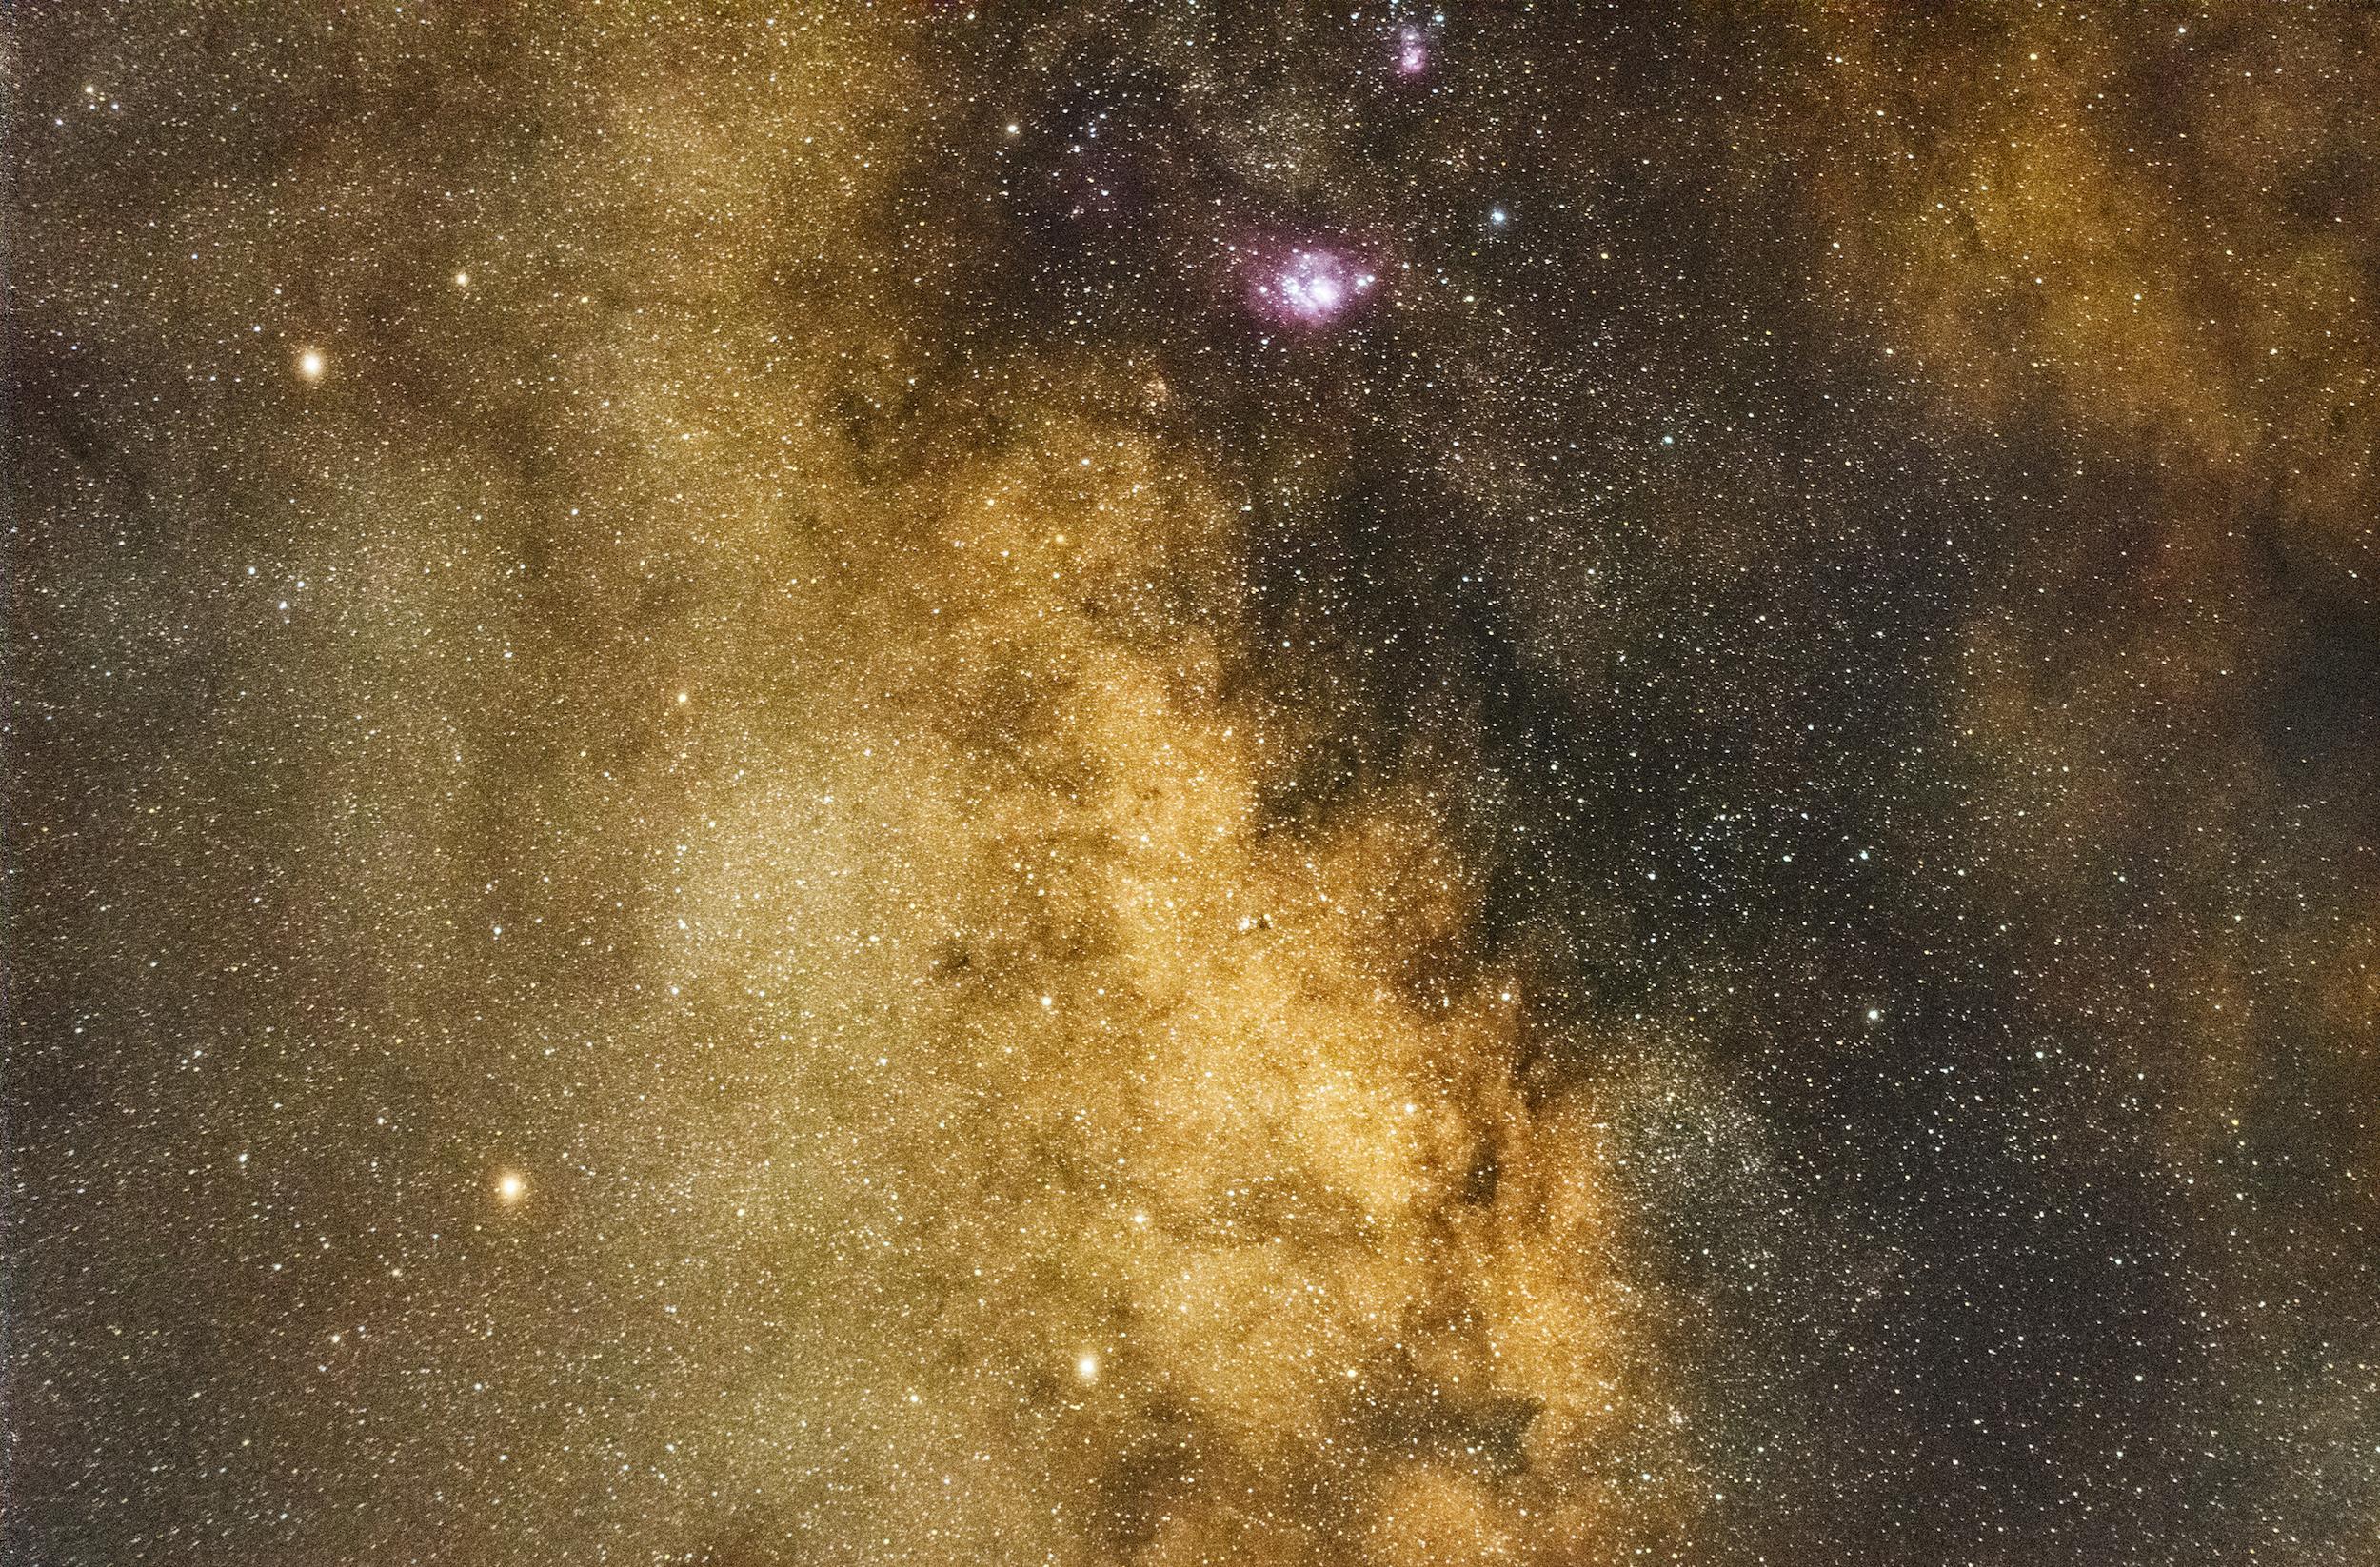 General 2500x1646 space macro stars Milky Way